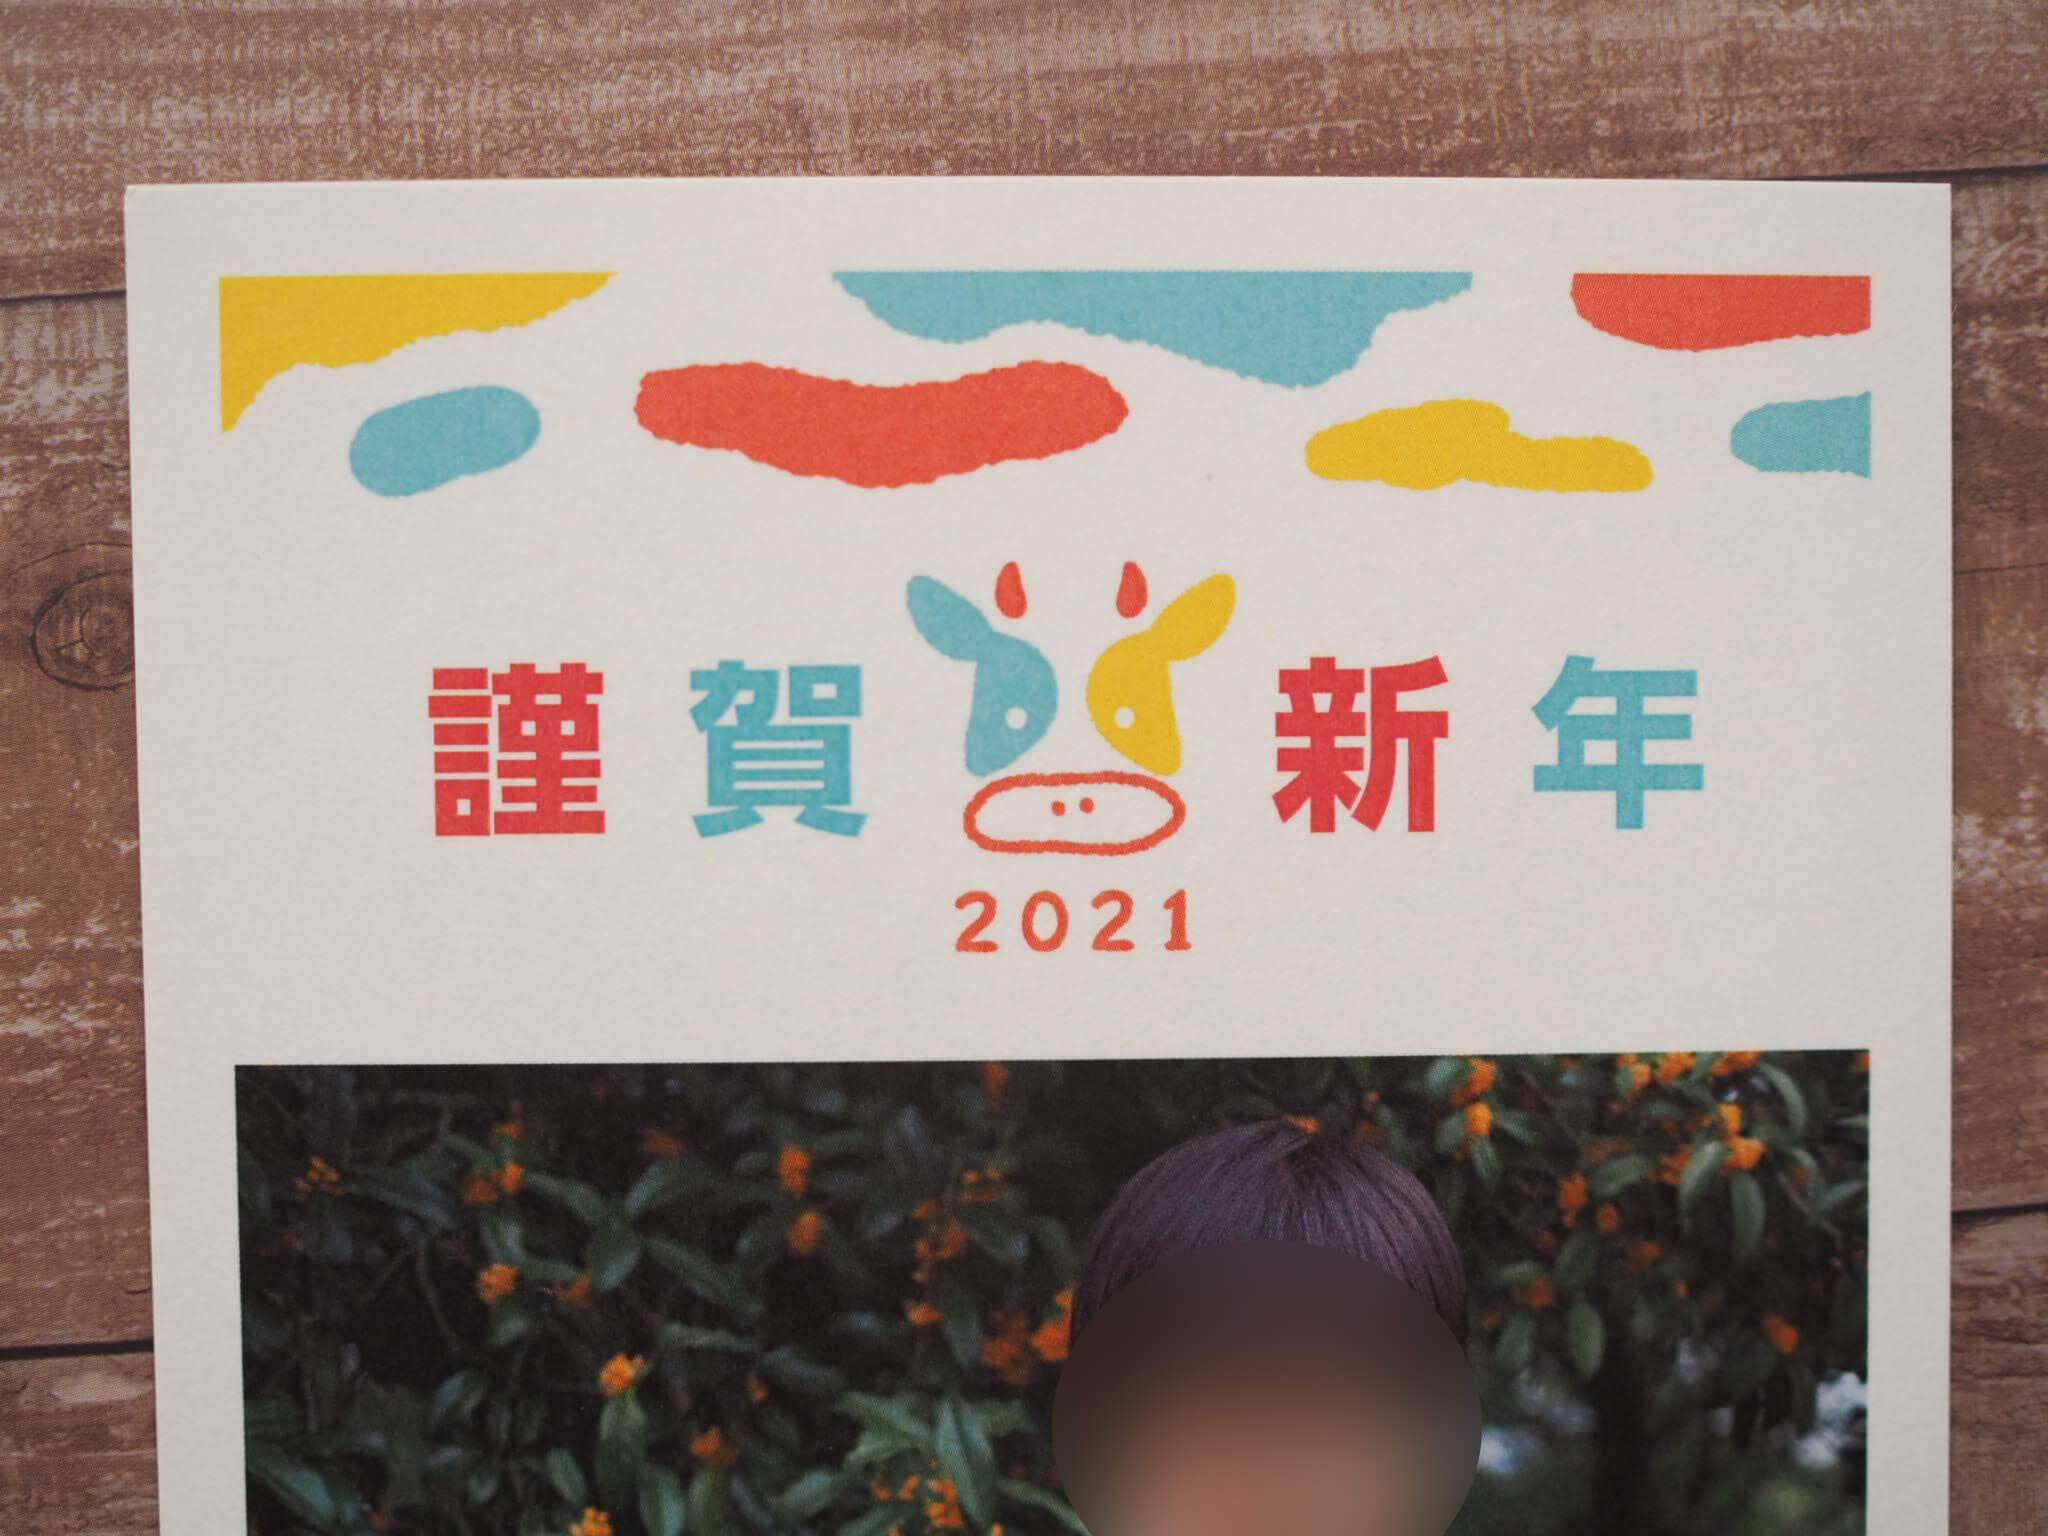 2021年はラクスルの年賀状を注文しました